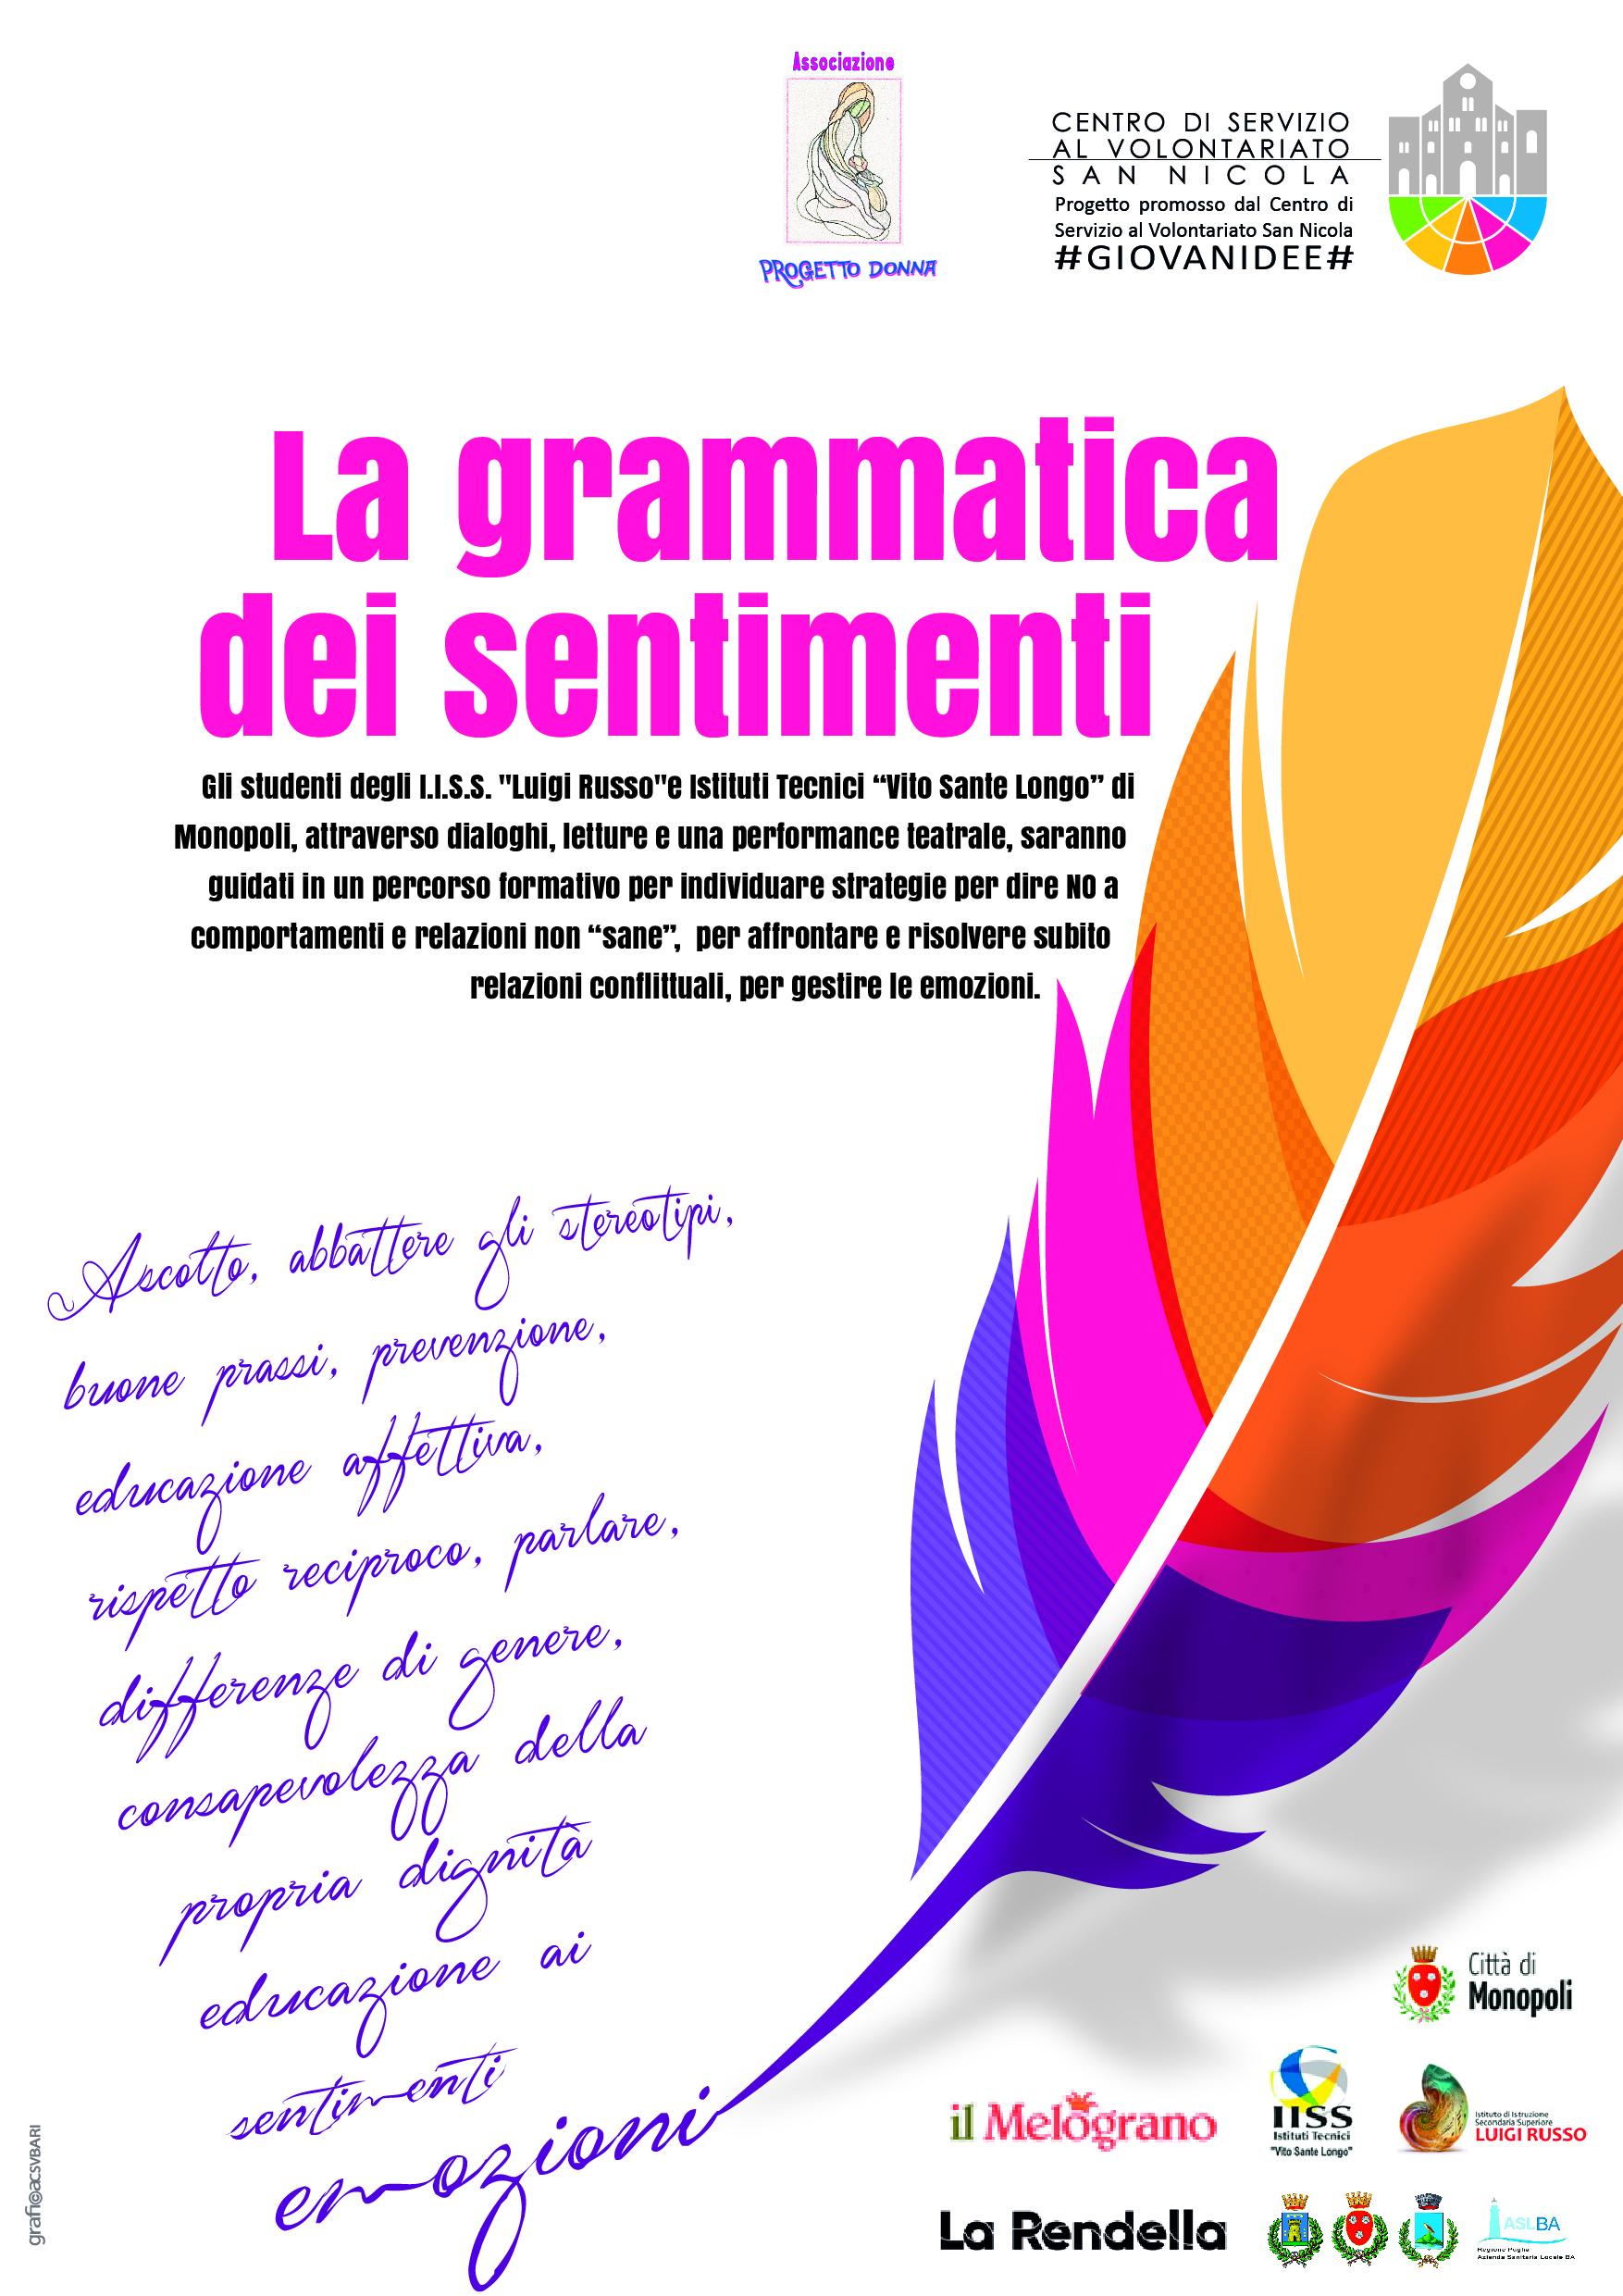 Locandina La grammatica dei sentimenti - Progetto Donna - CSVSN #GIOVANIDEE